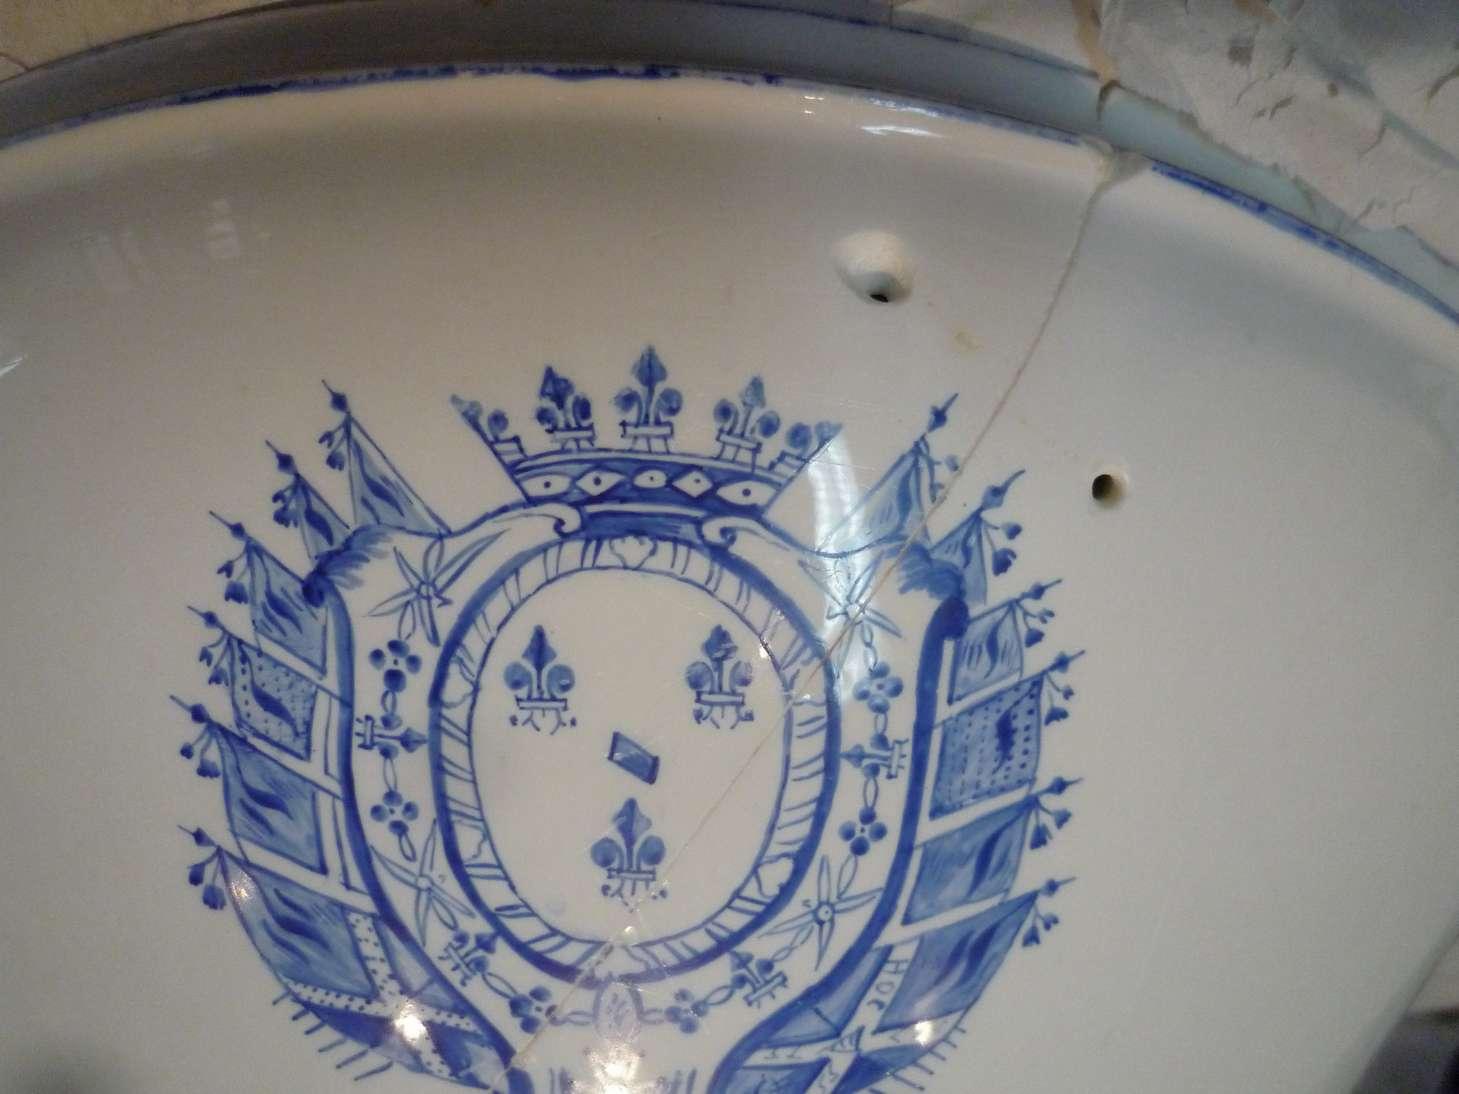 porcelaine-chantilly-bassine-blanche-cuisine-restauration-ateliers-restaurarte-art-invisible-trous-agrafes-ceramique.jpg